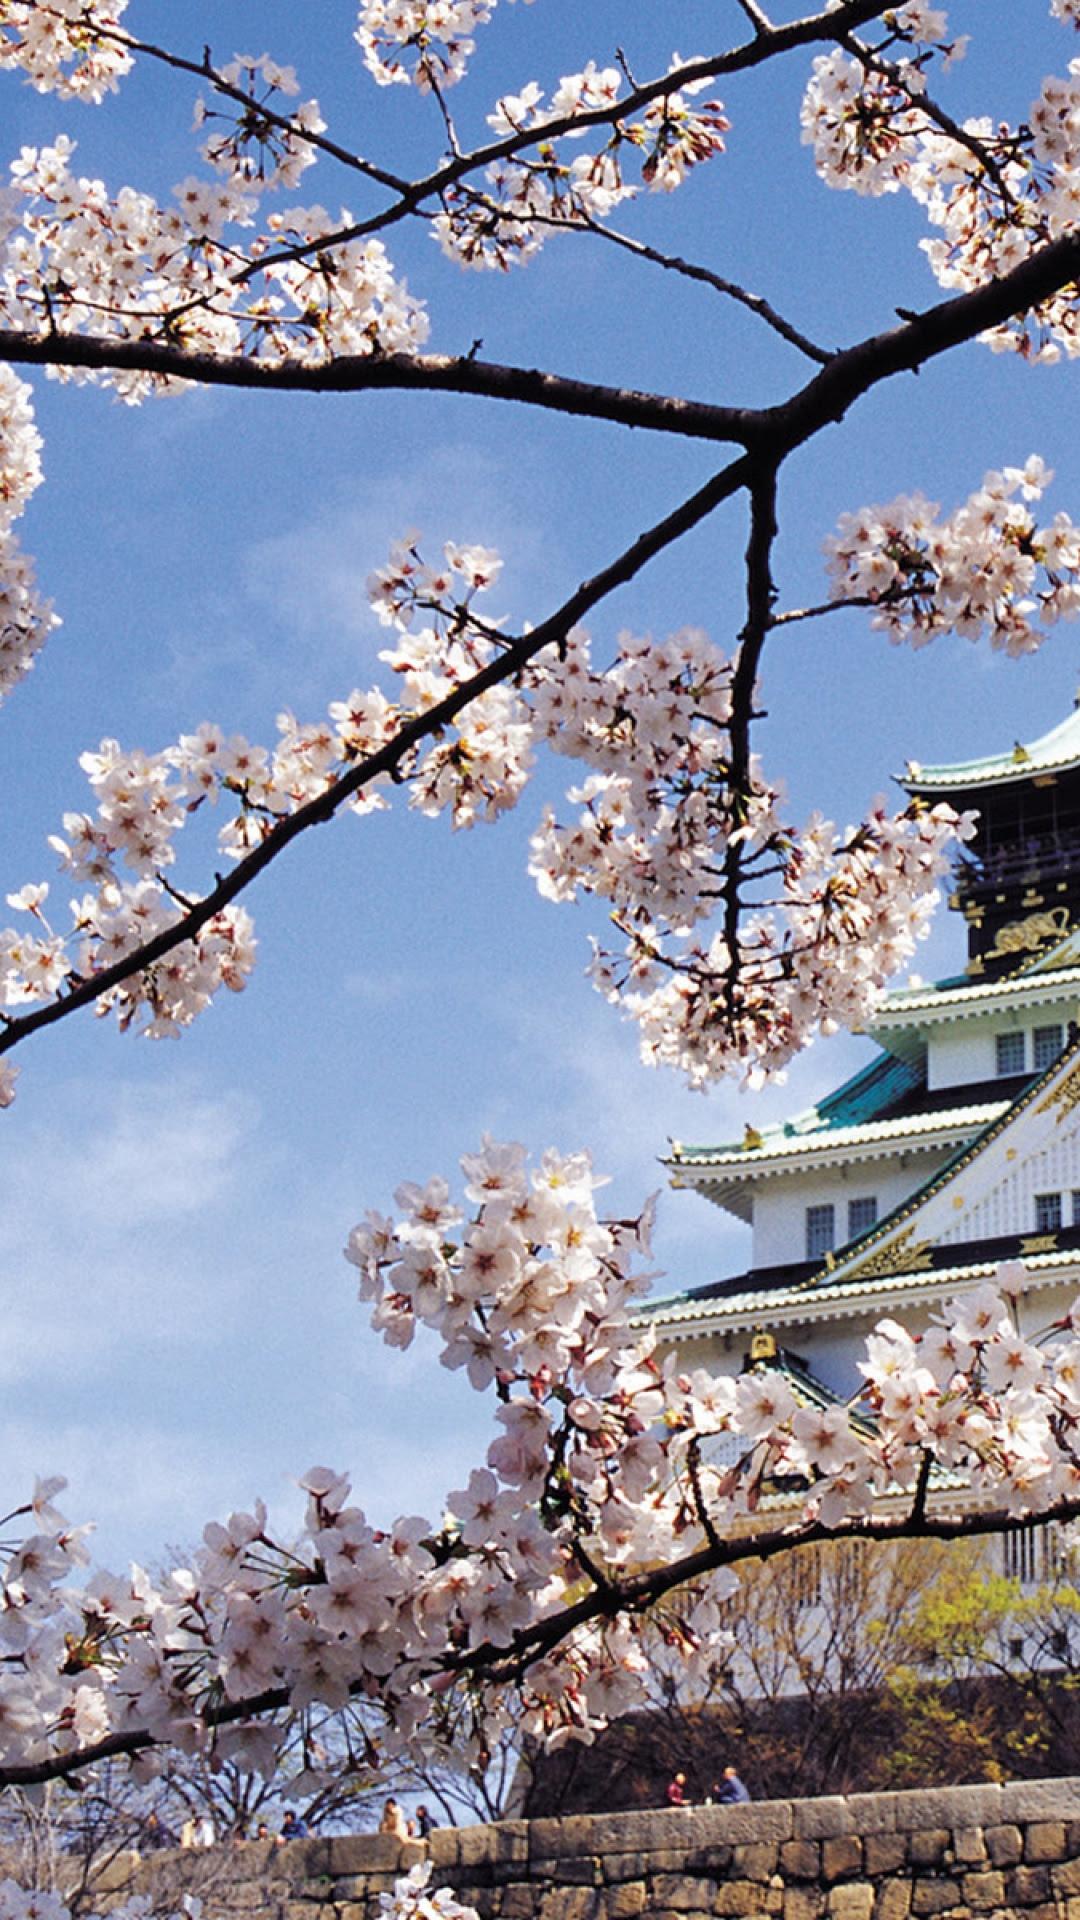 春の桜の宮殿の建築のiphone 8 Plus壁紙 Iphoneチーズ